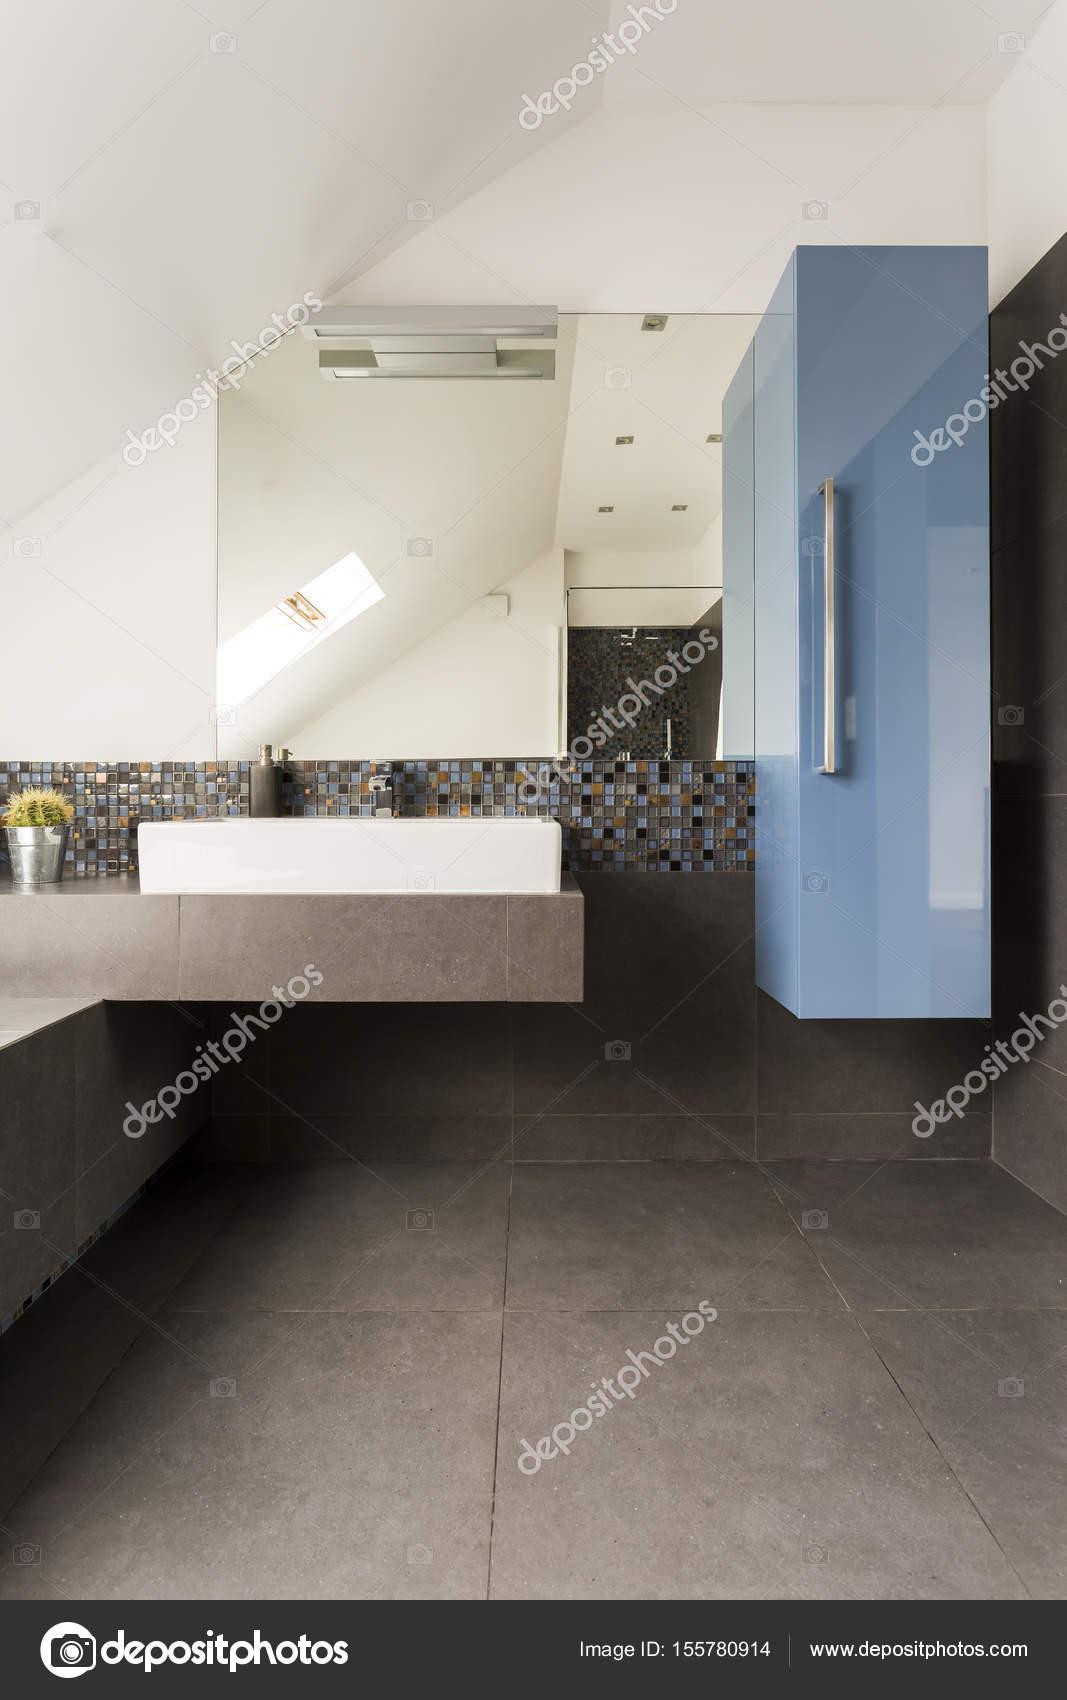 Gemutliche Dachgeschoss Bad Mit Blauen Schrank Stockfoto